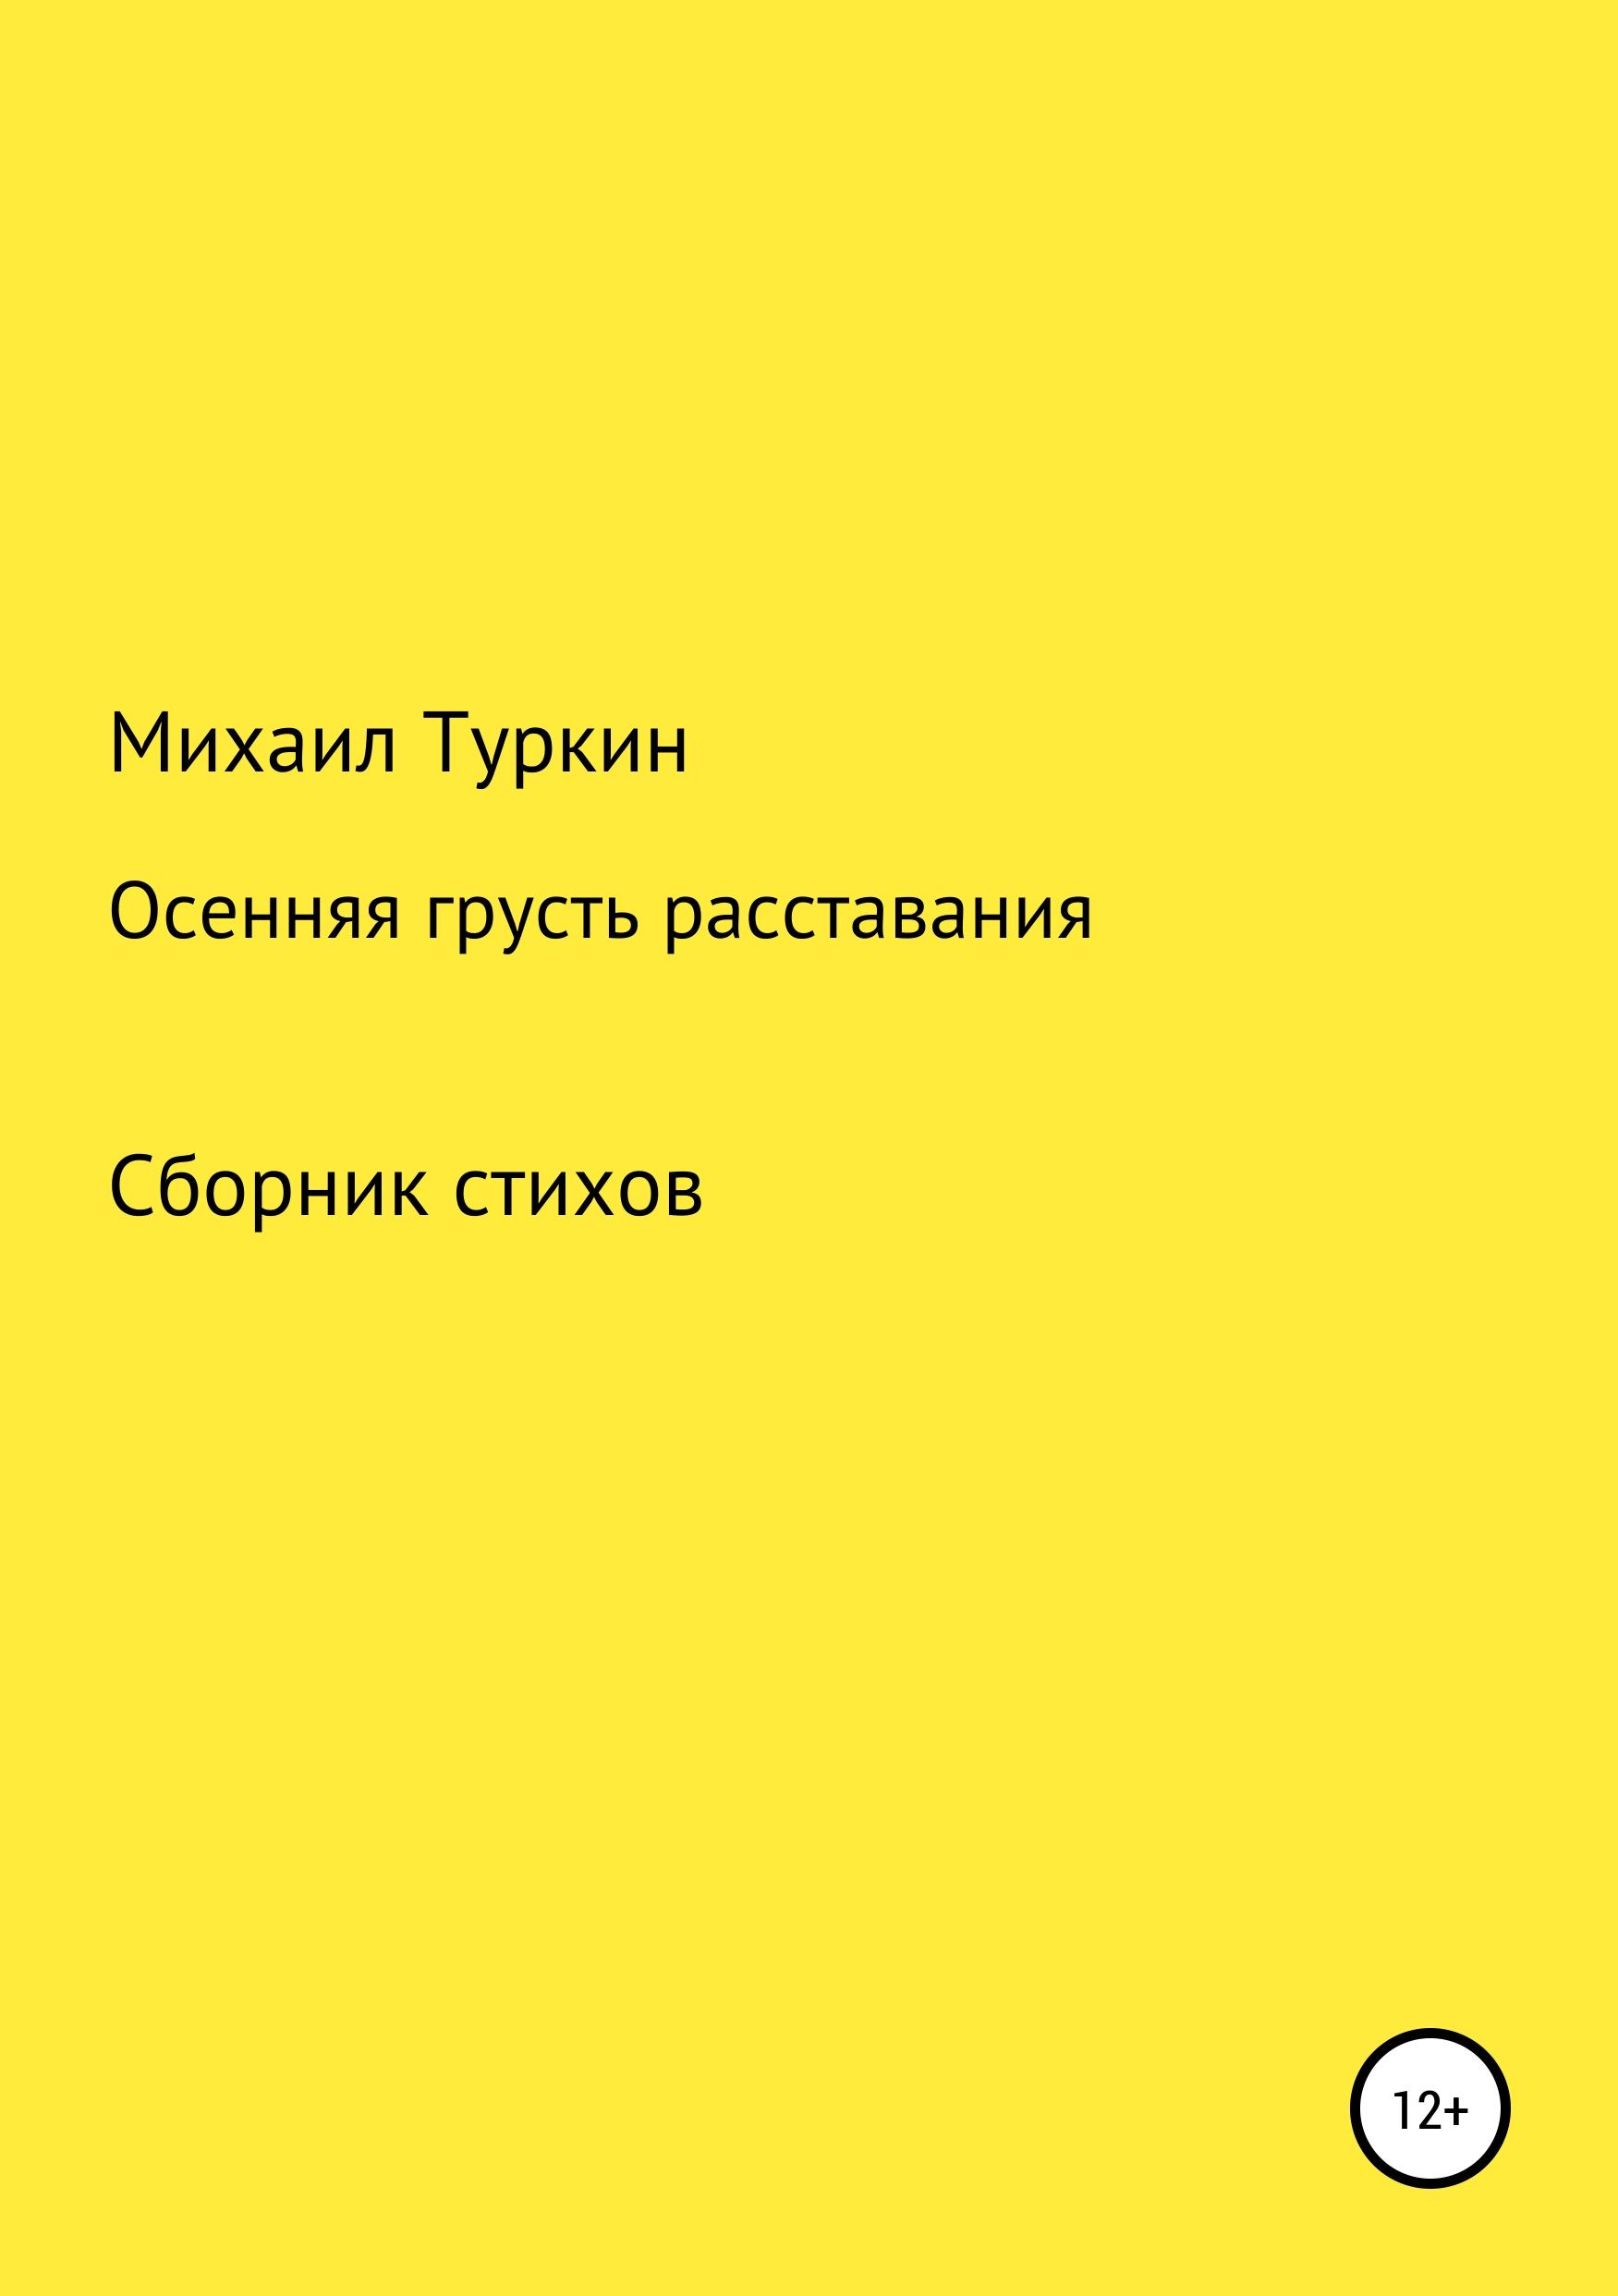 Михаил Борисович Туркин Осенняя грусть расставания